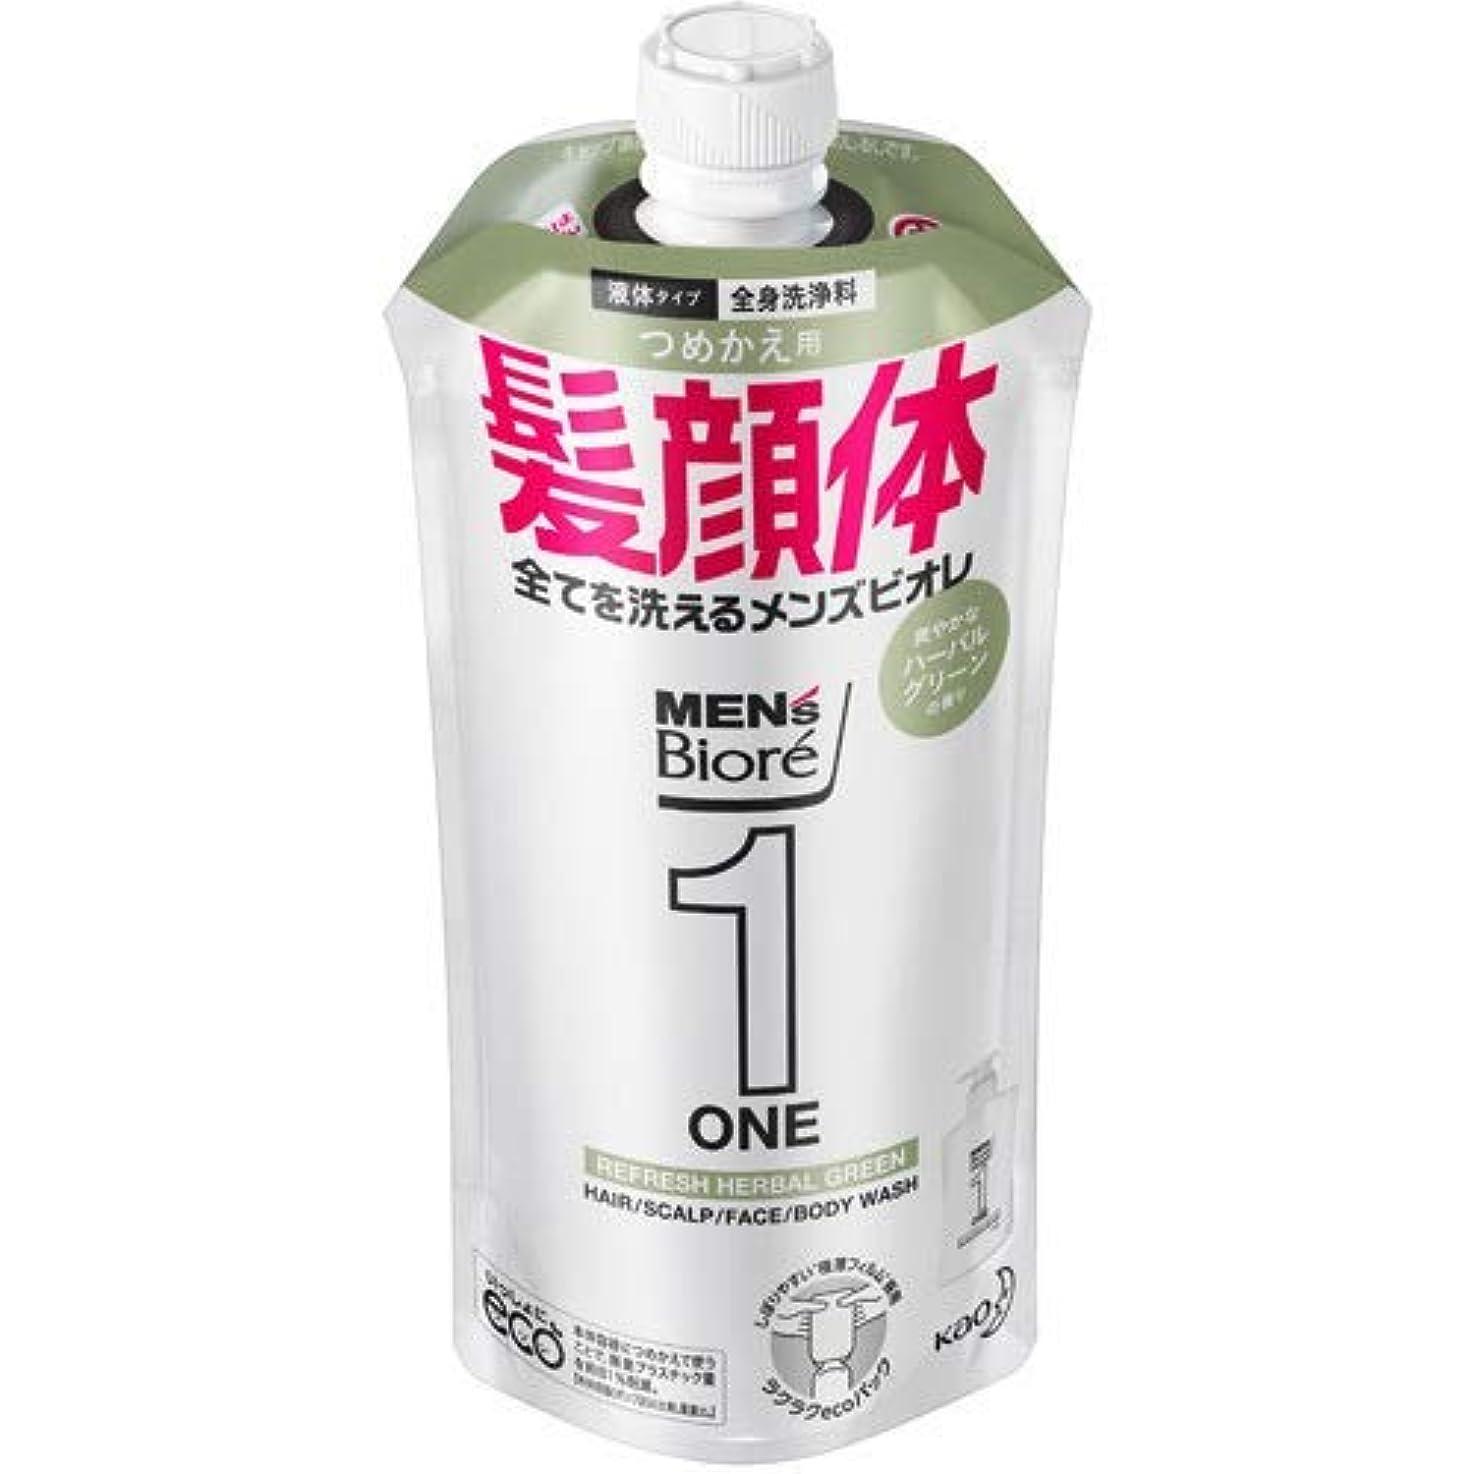 価値のないフローティング明日【10個セット】メンズビオレONE オールインワン全身洗浄料 爽やかなハーブルグリーンの香り つめかえ用 340mL